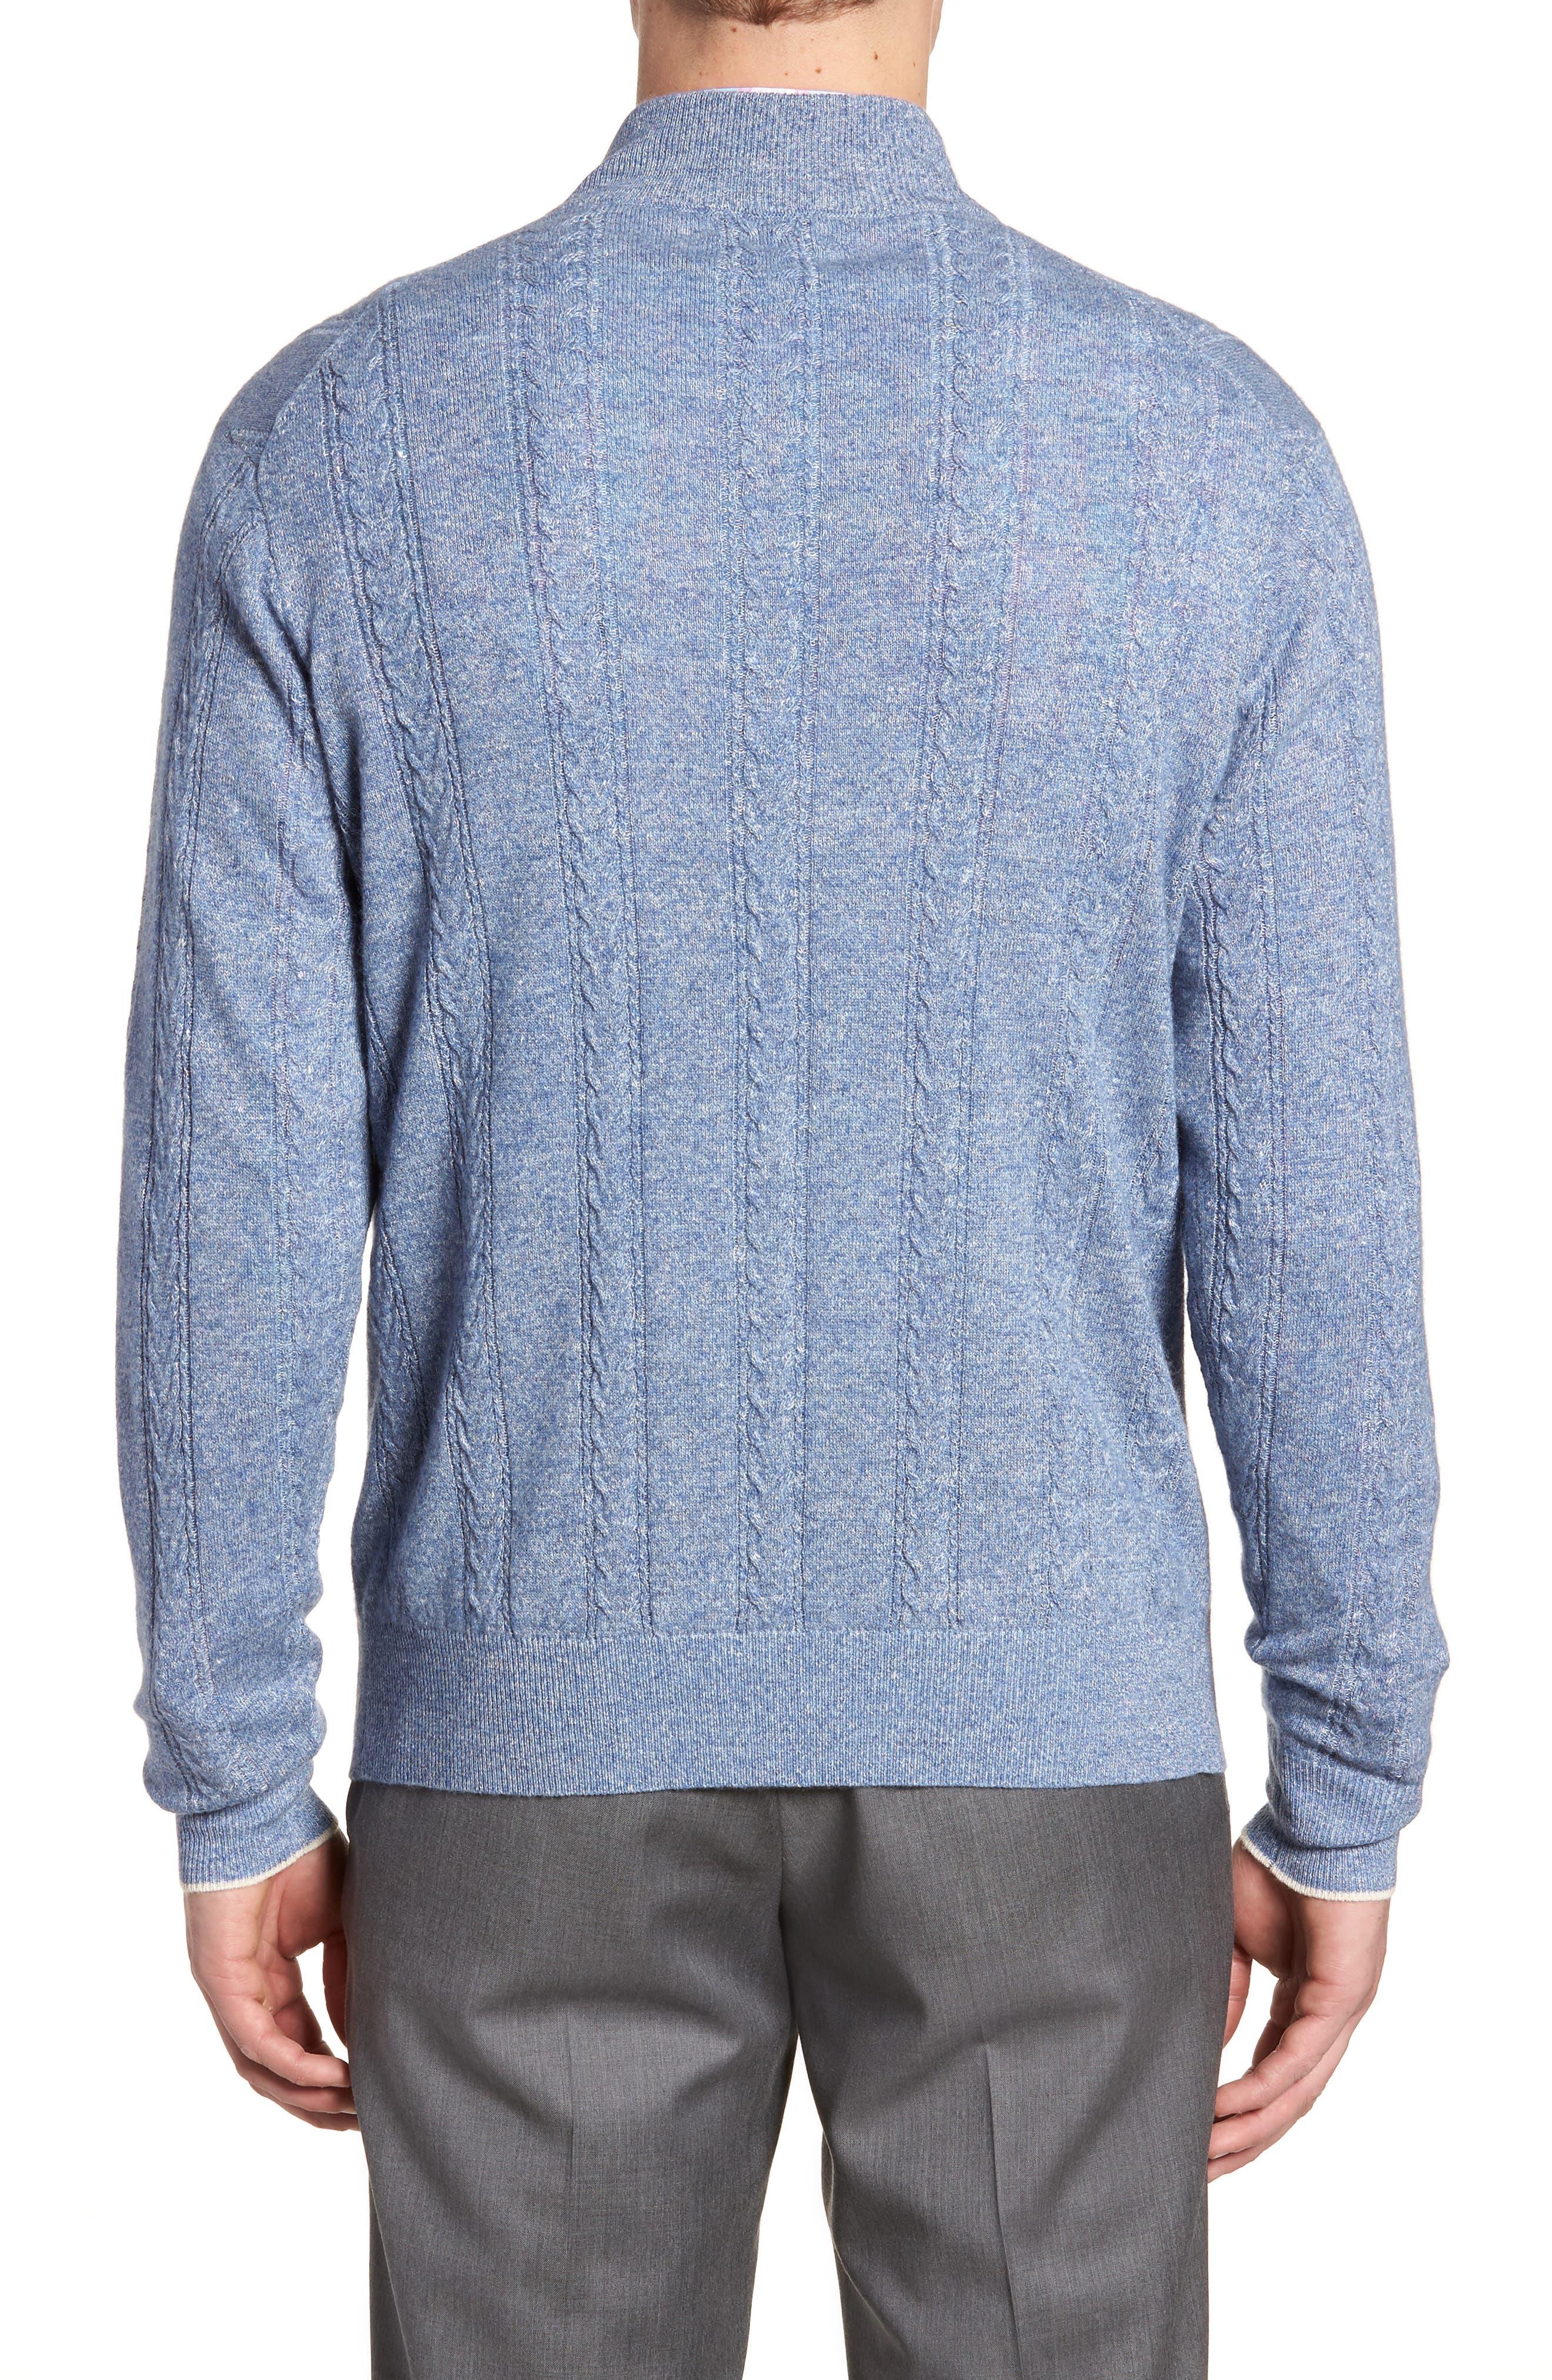 Crown Fleece Cashmere & Linen Quarter Zip Sweater,                             Alternate thumbnail 2, color,                             418